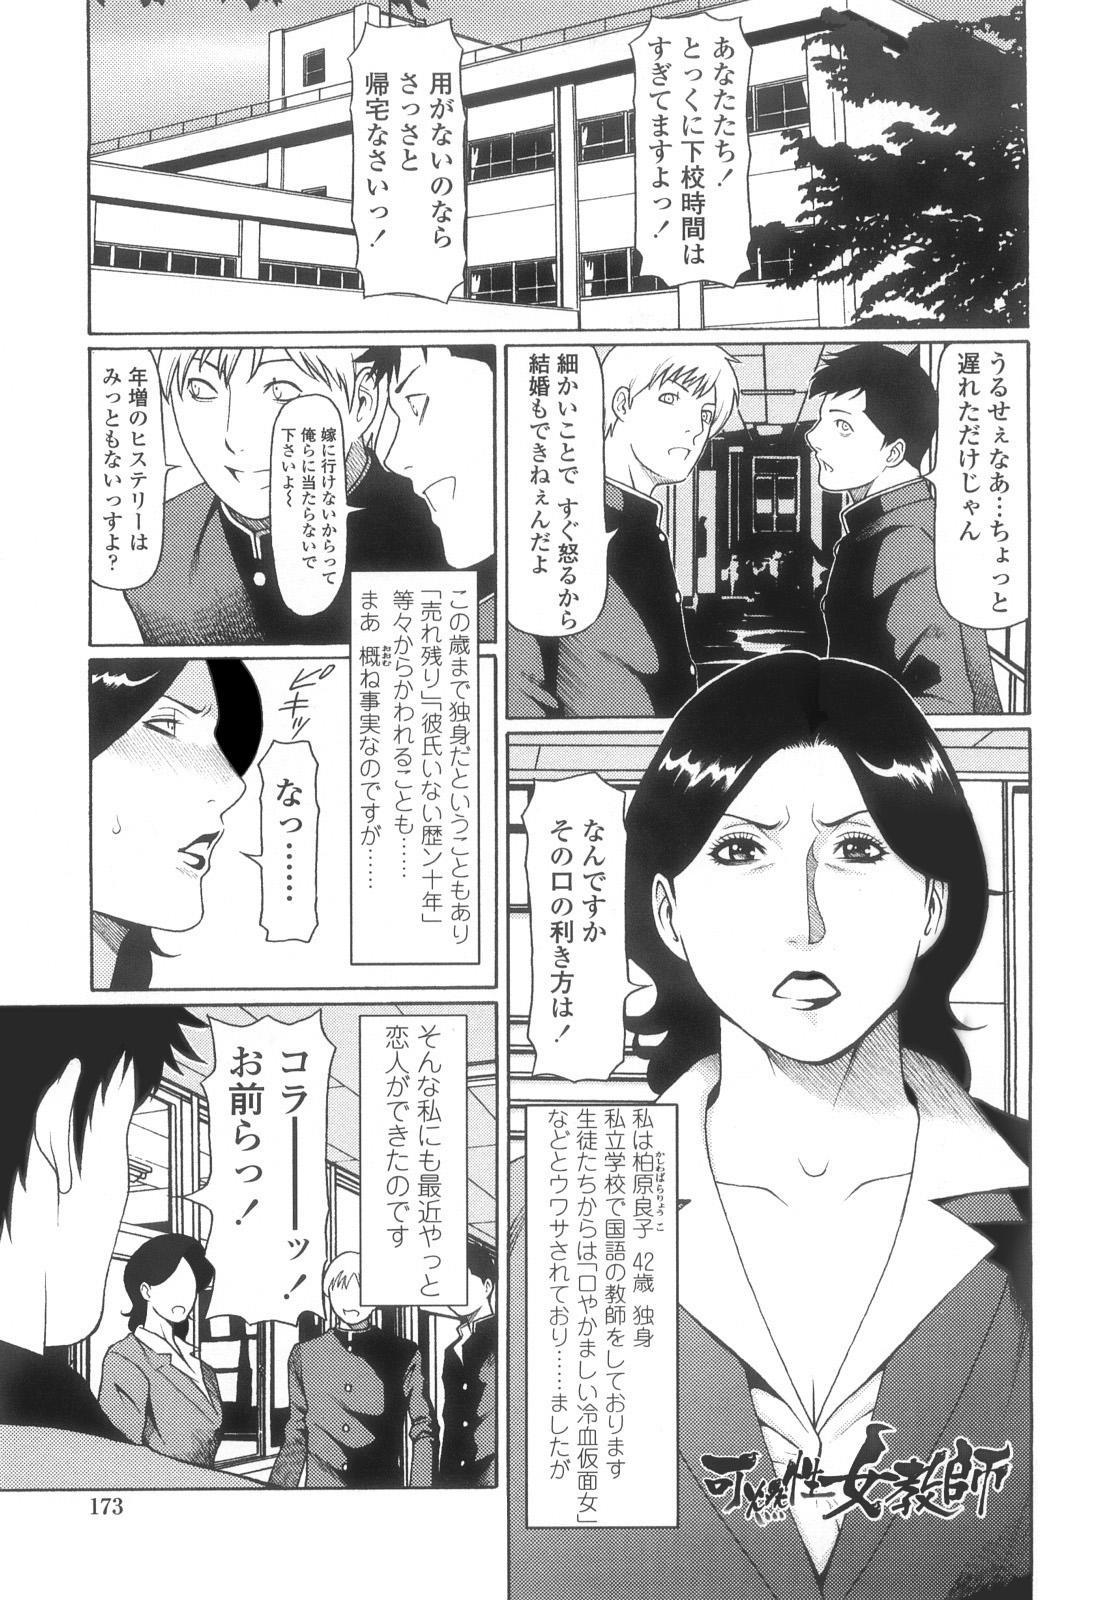 [Takasugi Kou] Kindan no Haha-Ana - Immorality Love-Hole Ch. 11-12 [Decensored] 0